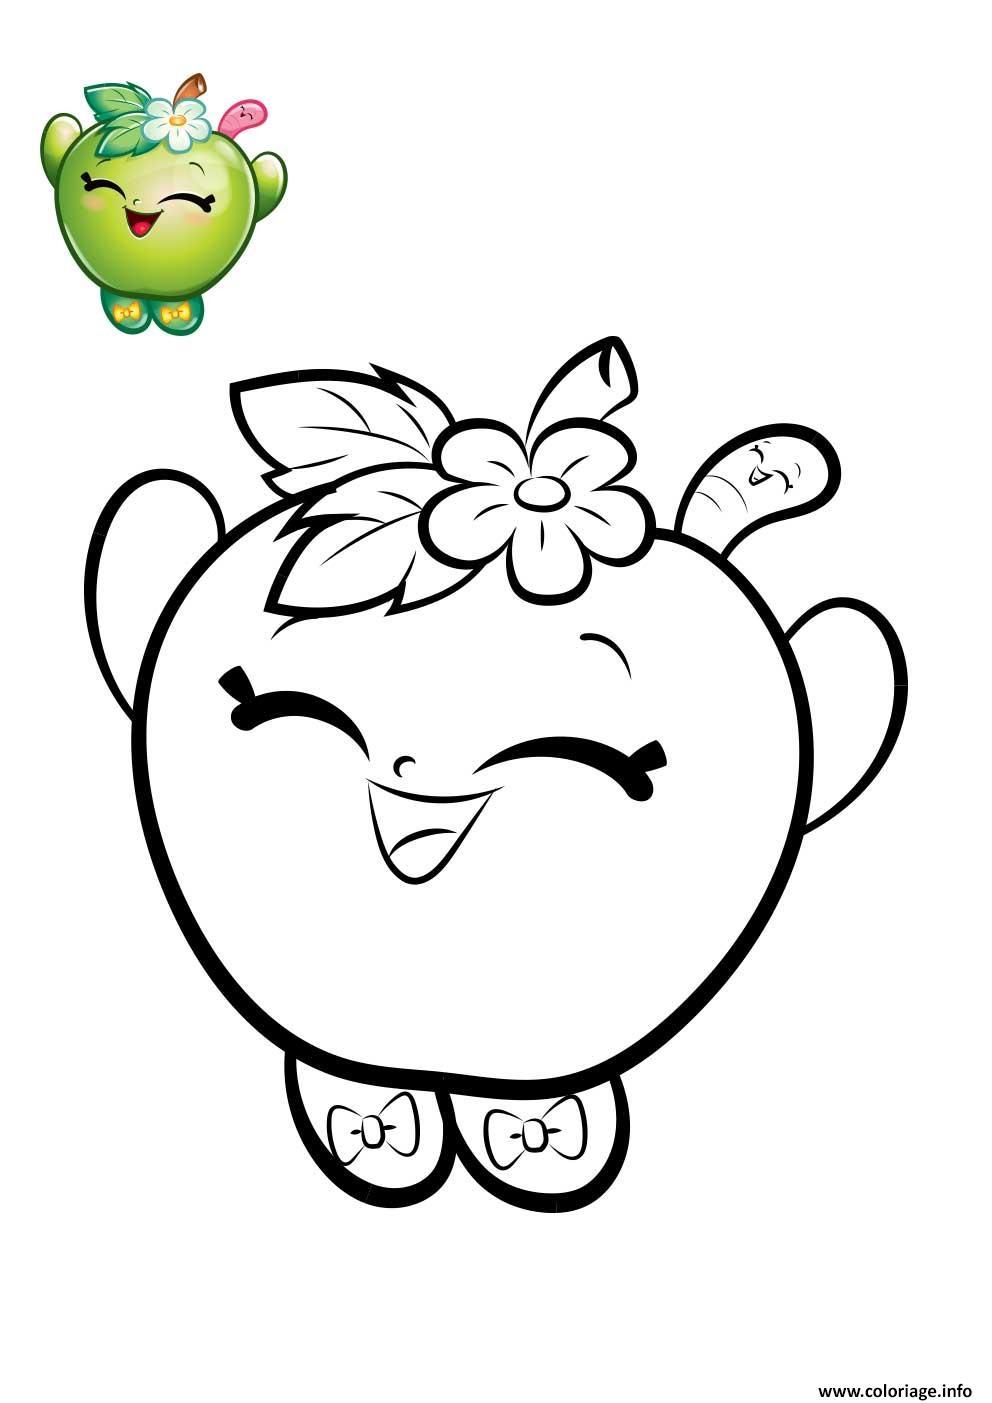 Coloriage shopkins pomme verte dessin - Dessins a colorier gratuit a imprimer ...